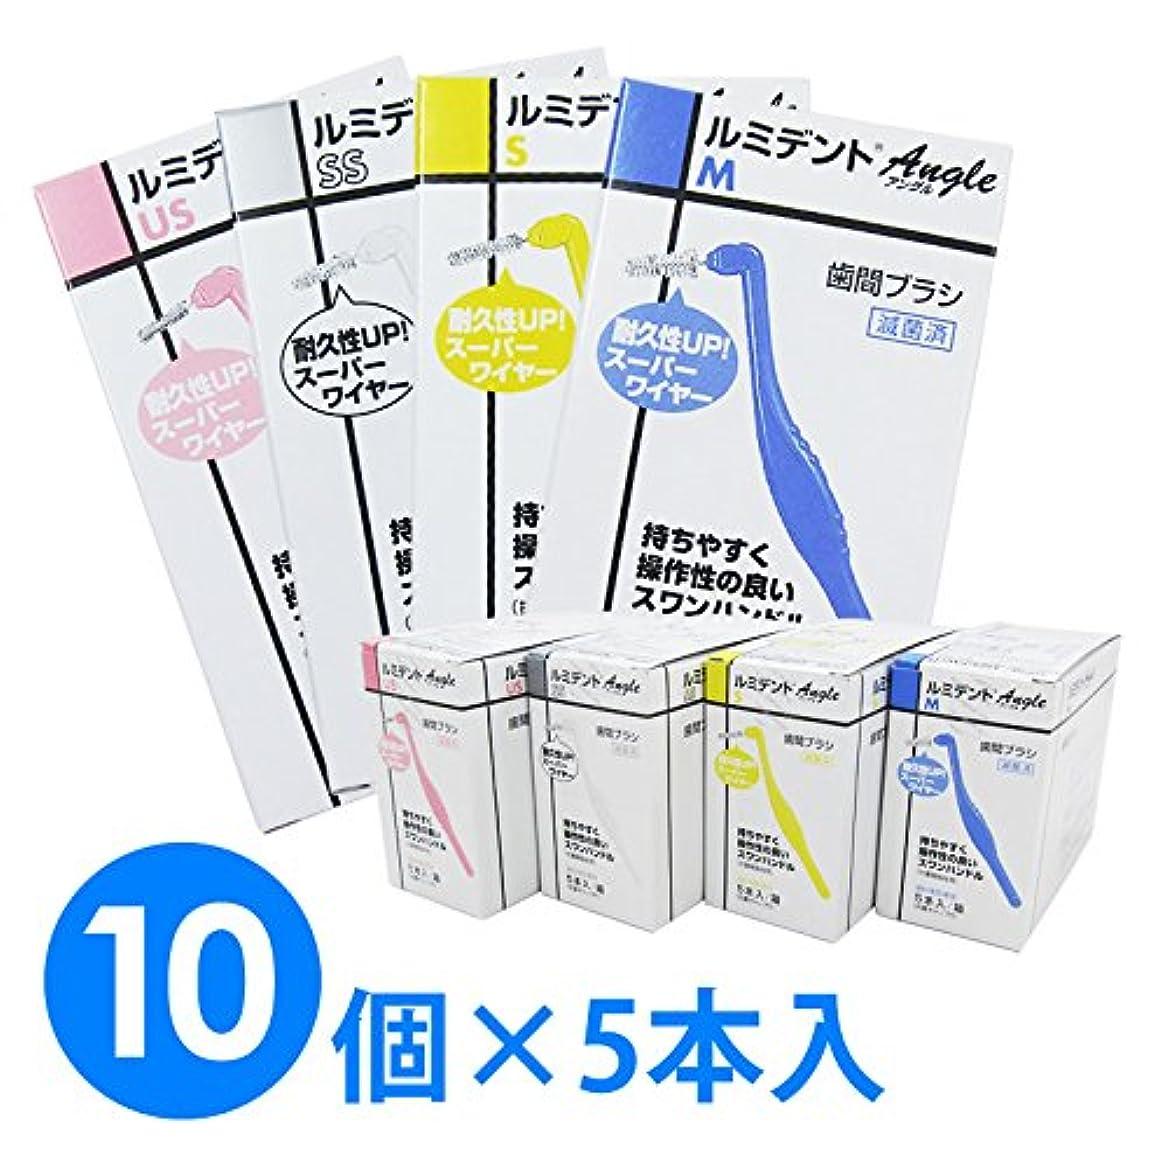 サリーインサート試す【10個1箱】ヘレウス ルミデント アングル 歯間ブラシ 5本入り×10個 (M ブルー)